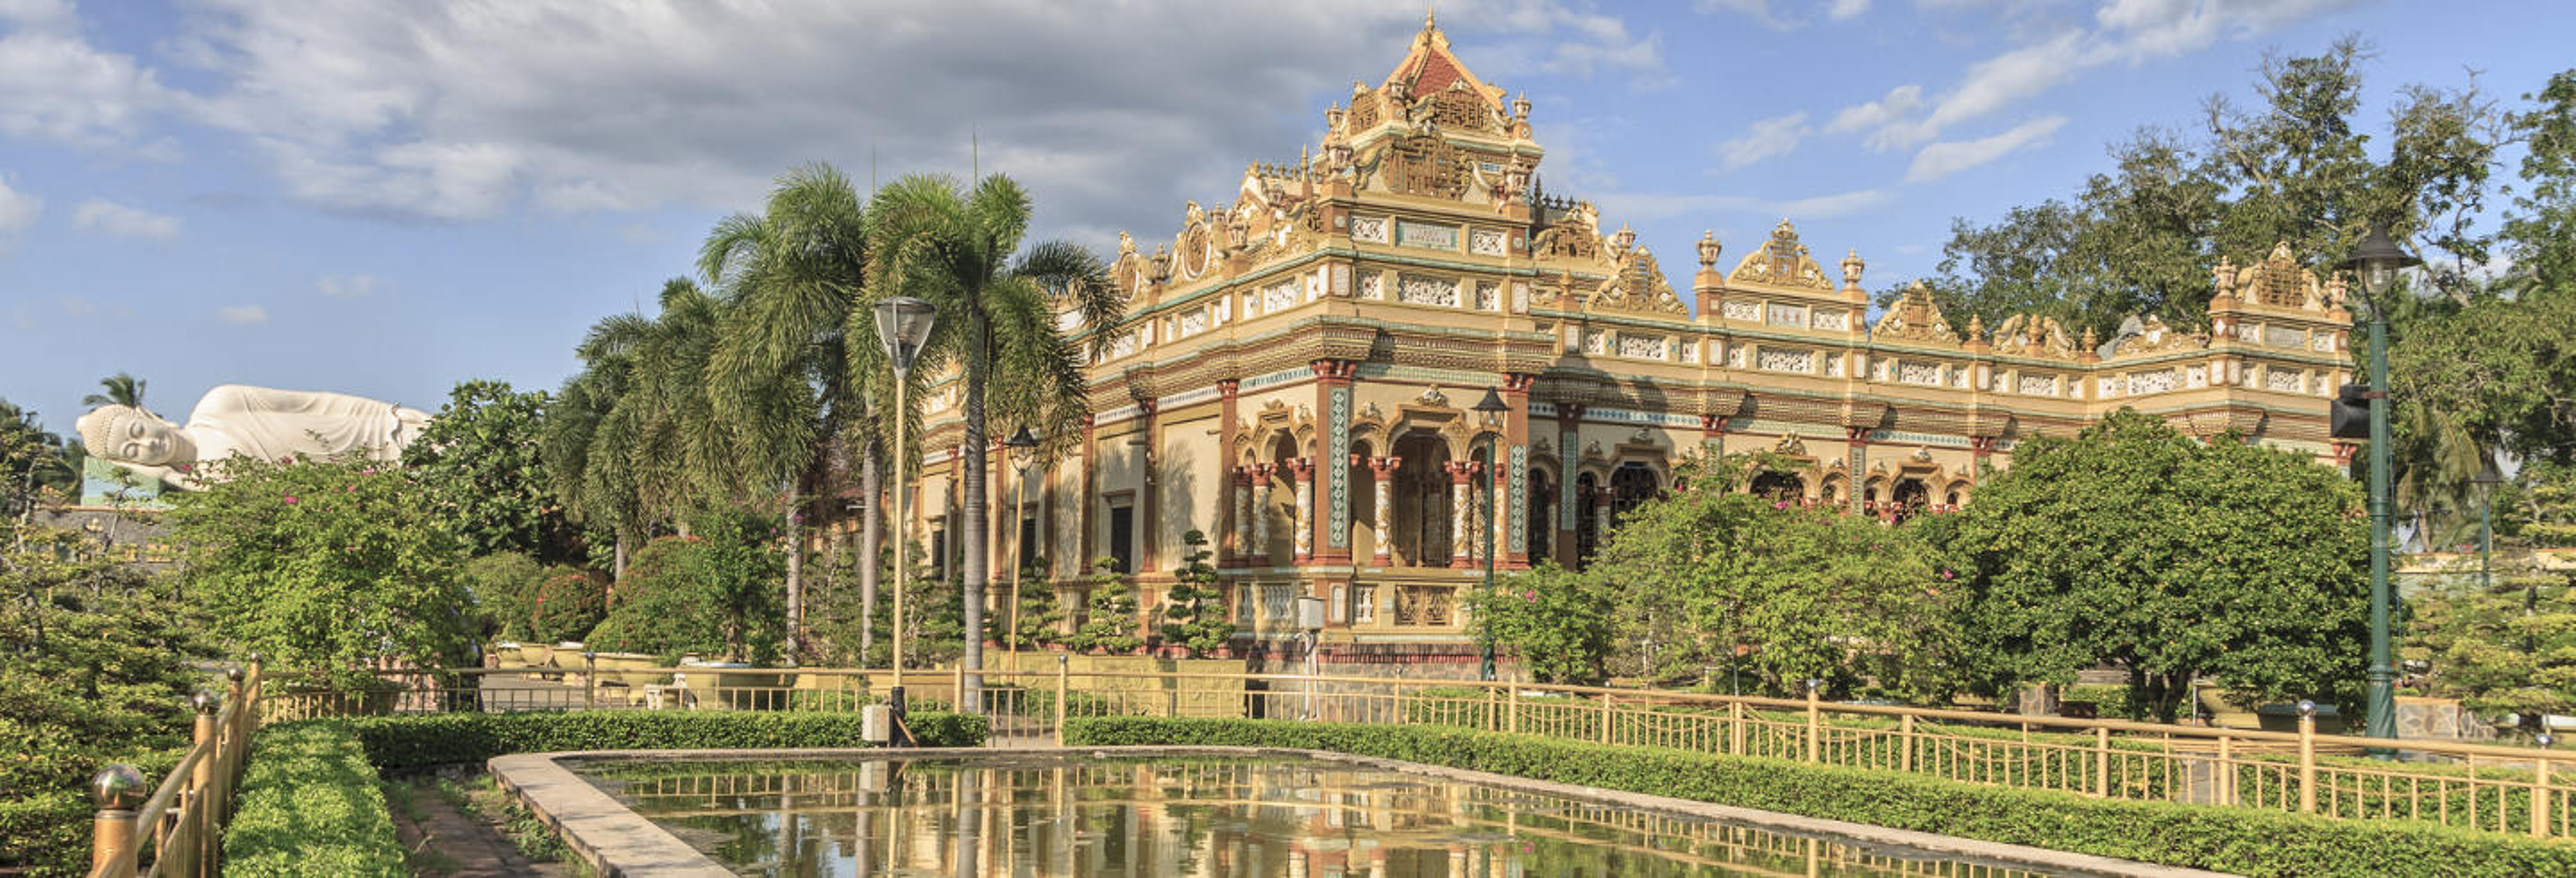 Vinh Trang Pagoda & Mekong Delta Tour